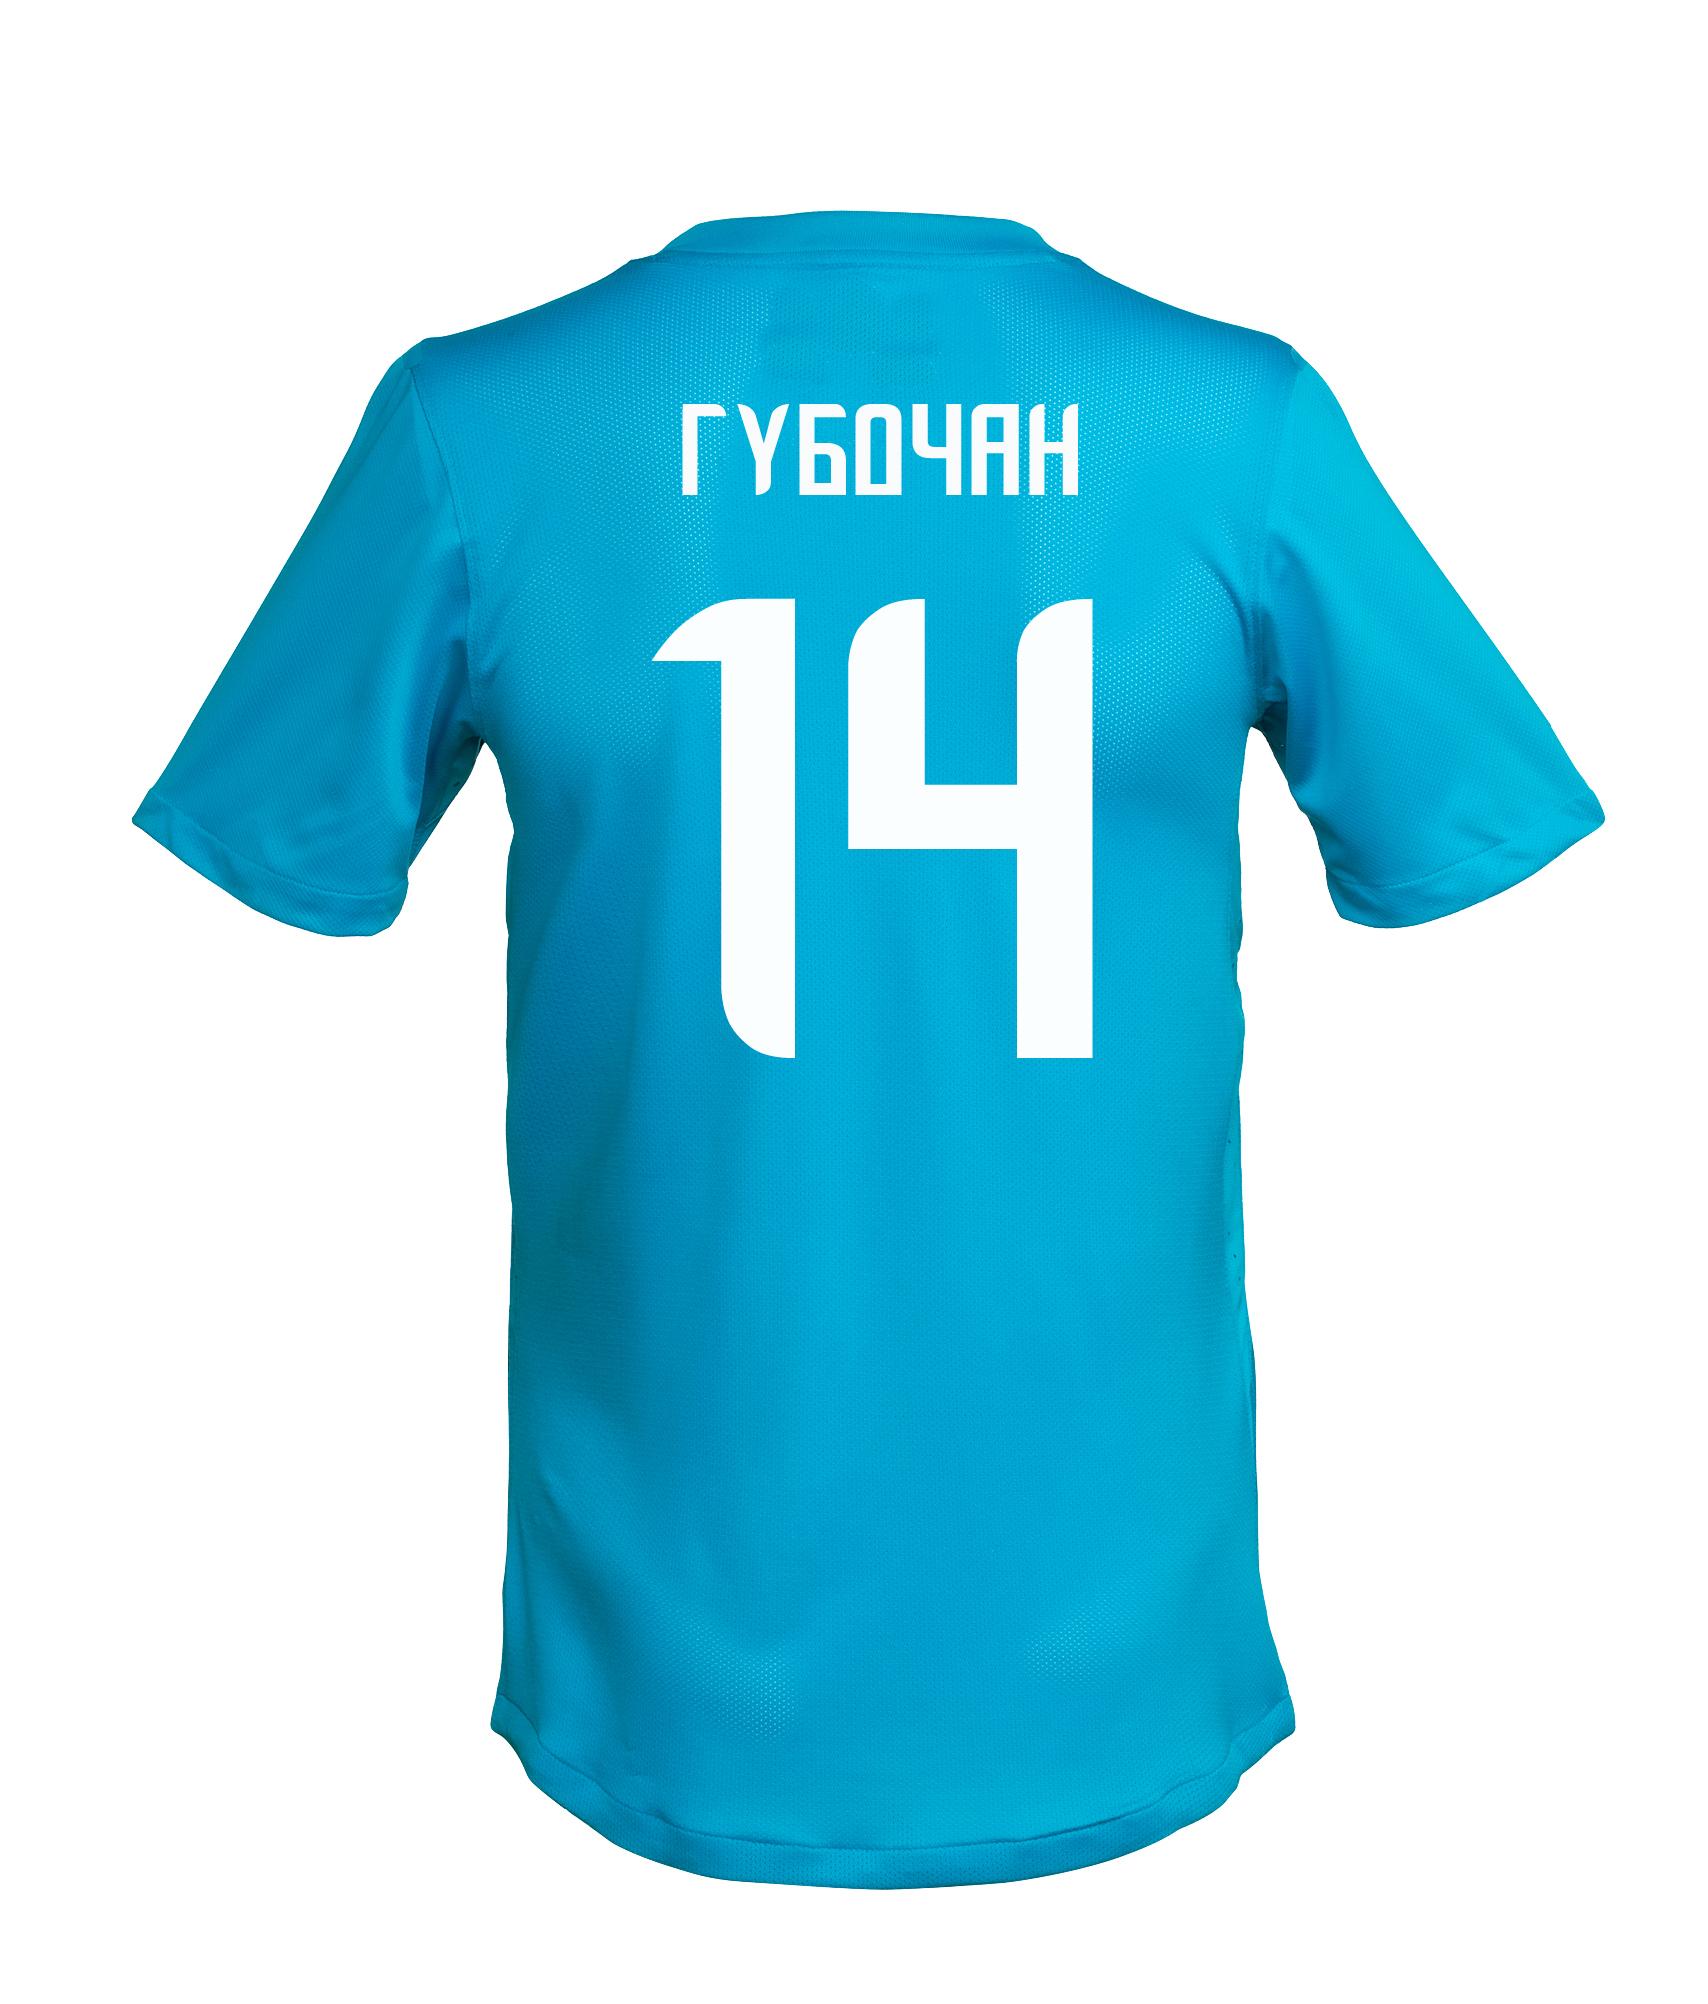 Игровая футболка с фамилией и номером Т. Губочана, Цвет-Синий, Размер-M